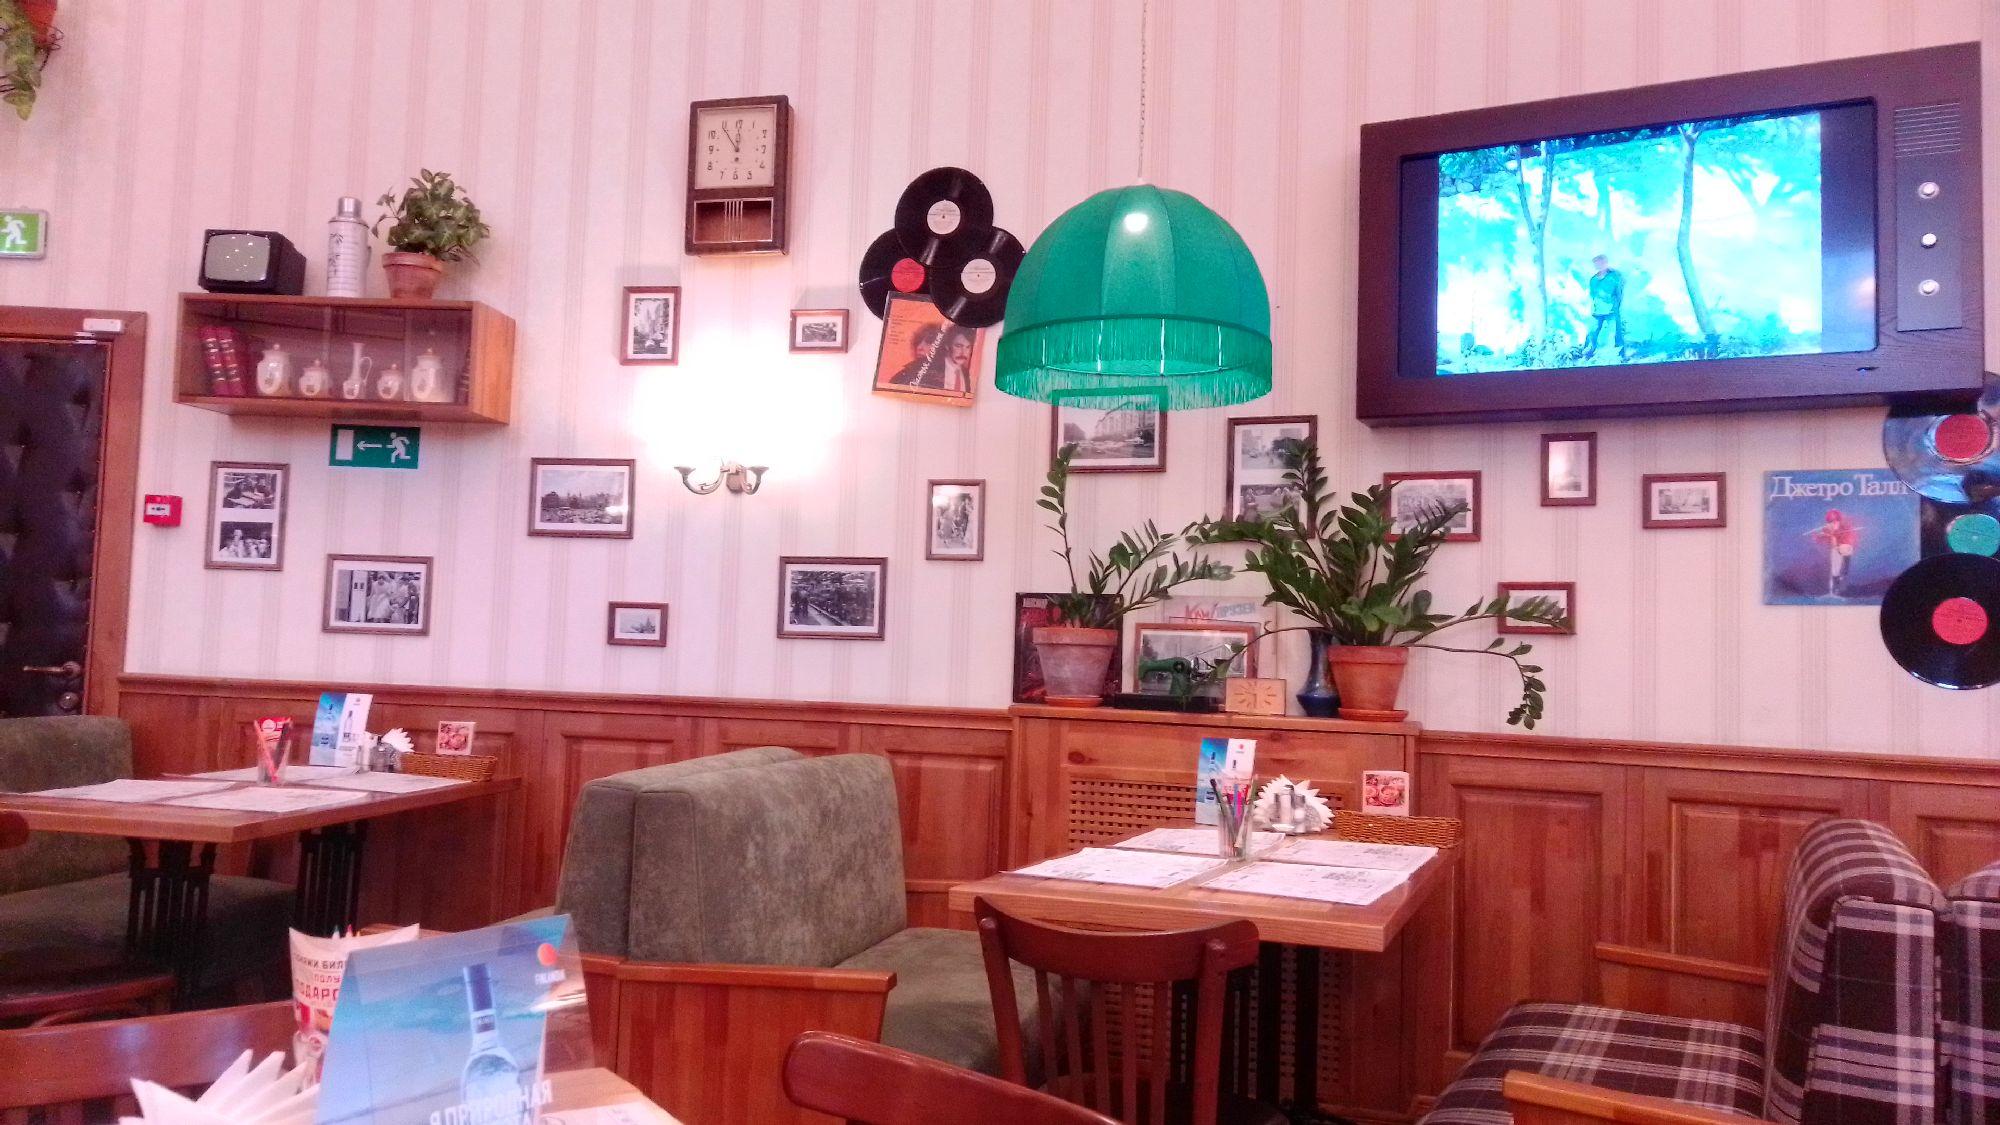 Внутри кафе